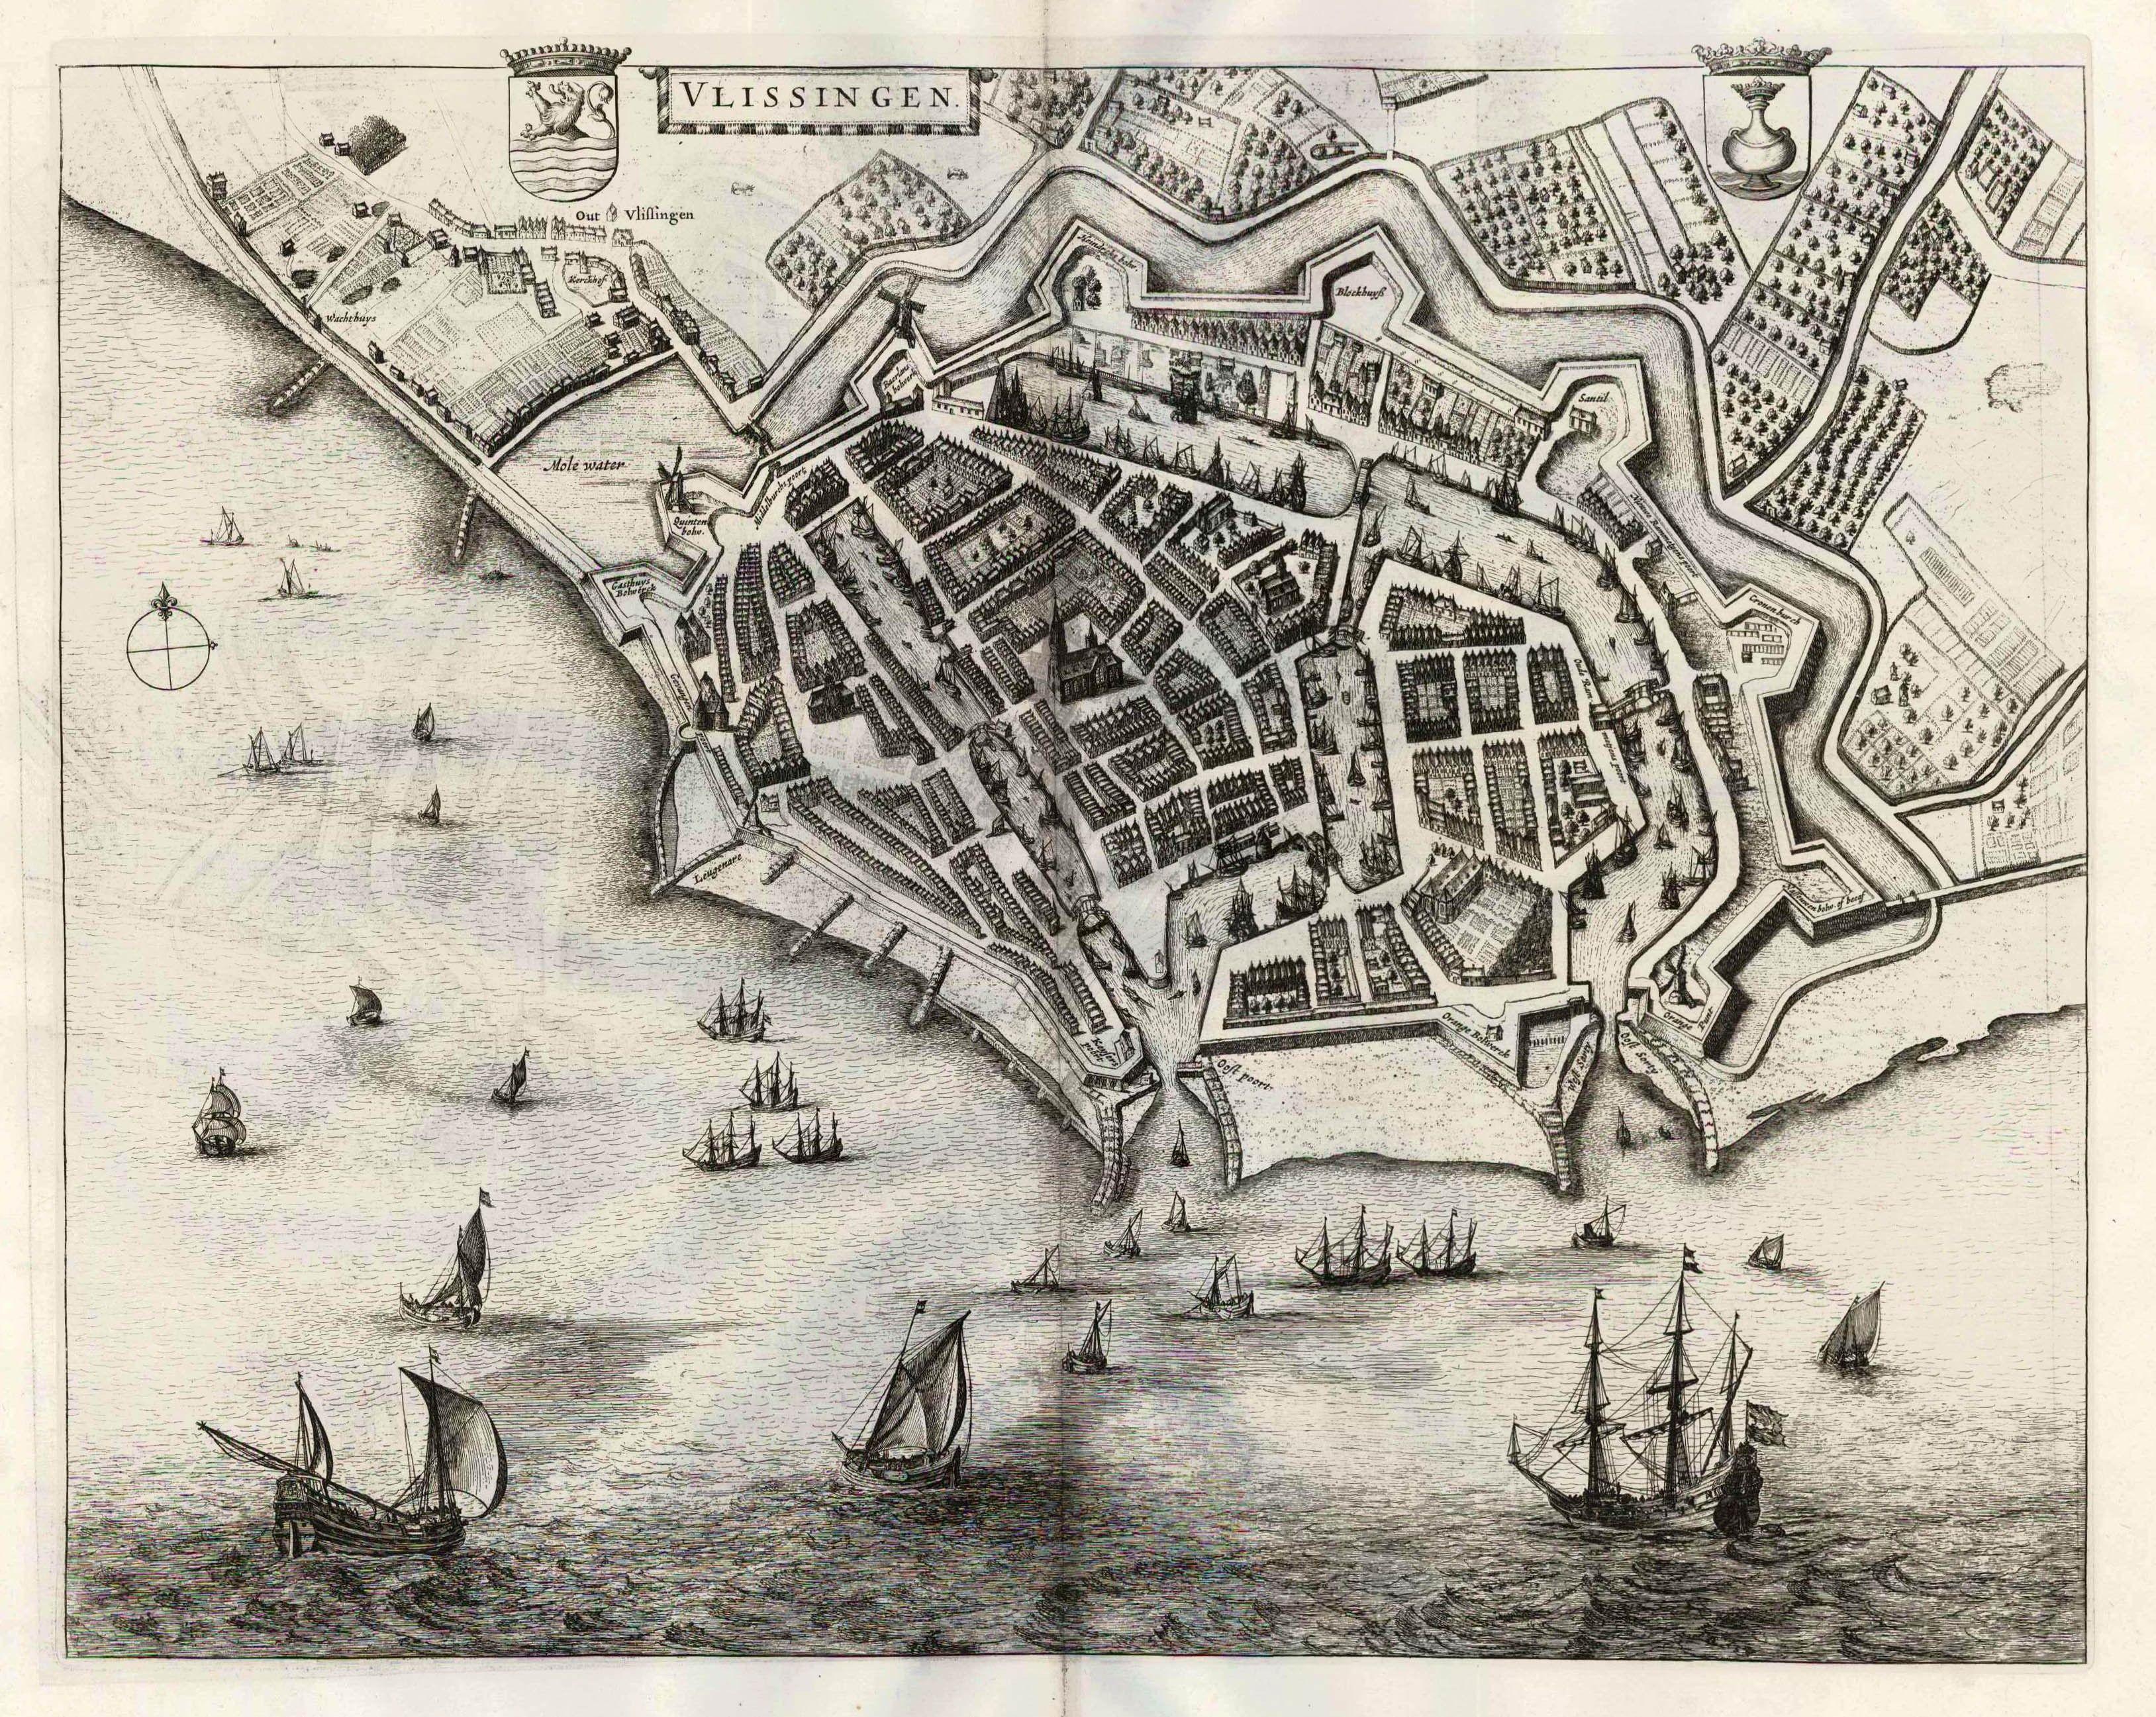 Vlissingen The Netherlands  Blaeu 1649  Golden Age maps